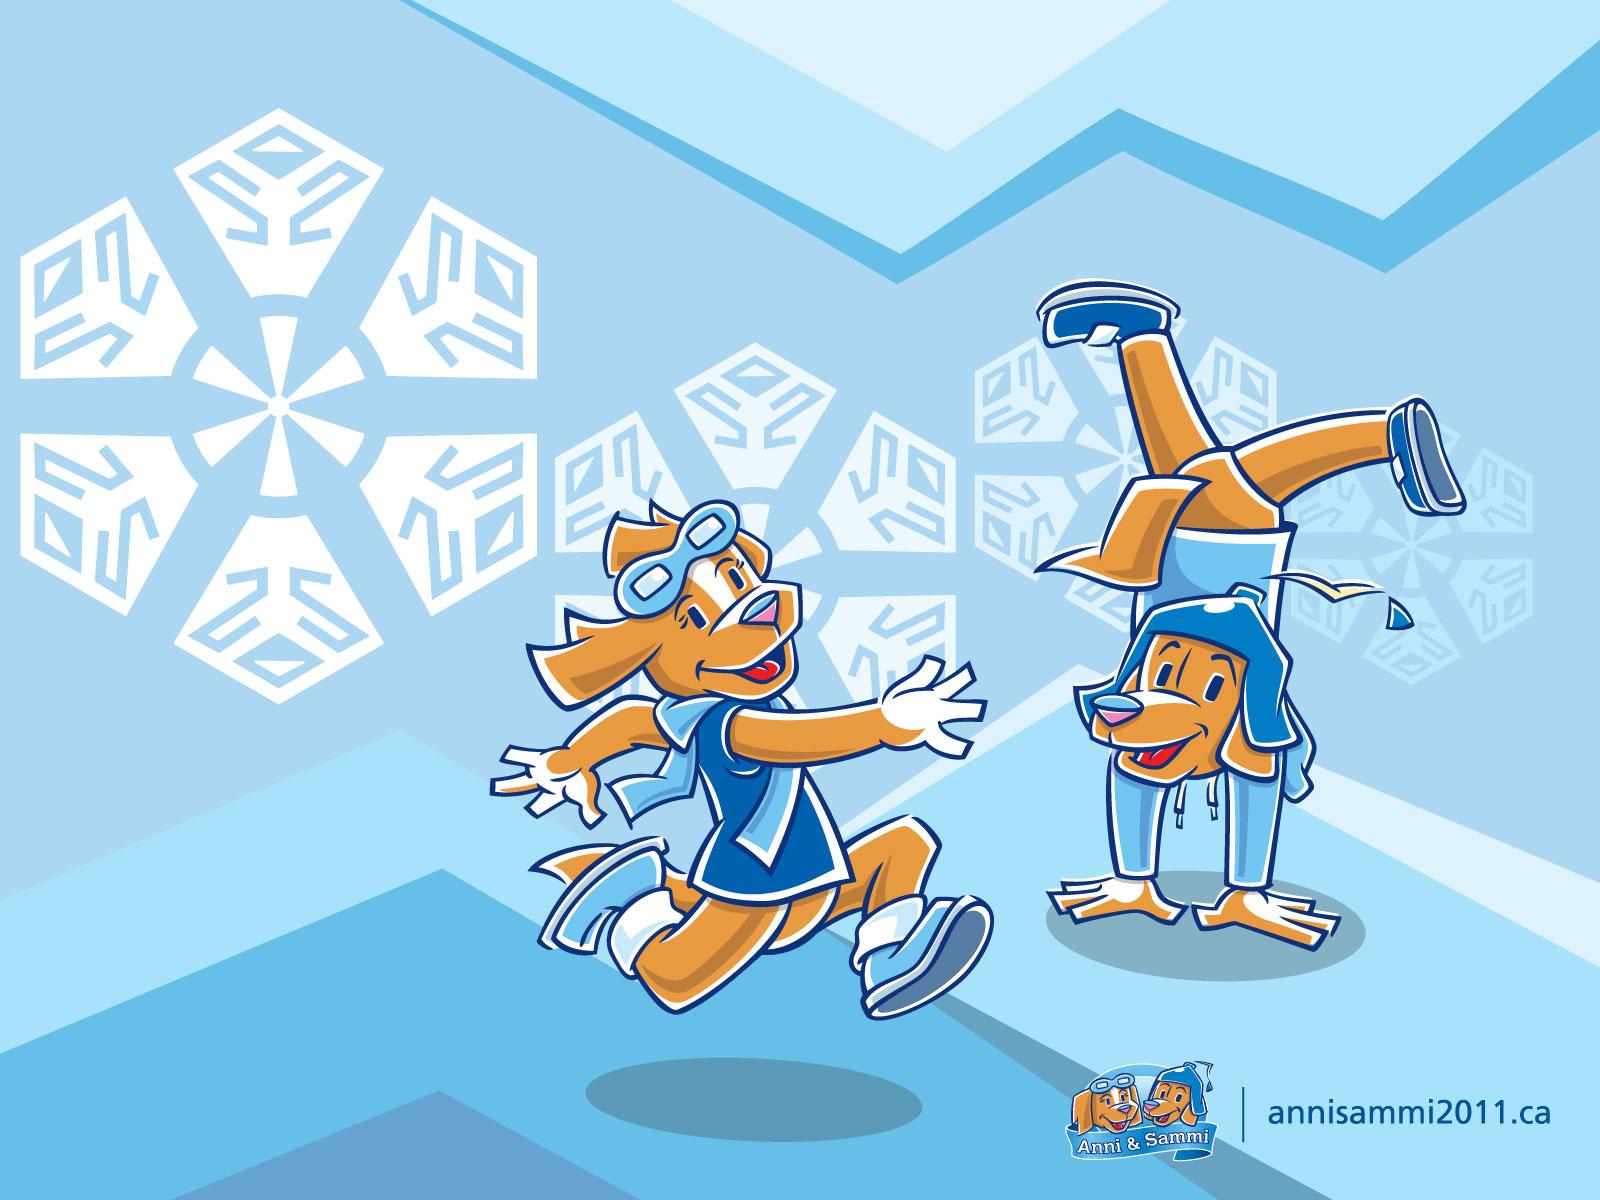 http://3.bp.blogspot.com/-kbTpI3p6FAU/TZvee1o93_I/AAAAAAAAAAQ/yJeMmWu404I/s1600/2011_Canada_Winter_Games_Halifax_Mascots_Anni_Sammi_02.jpg